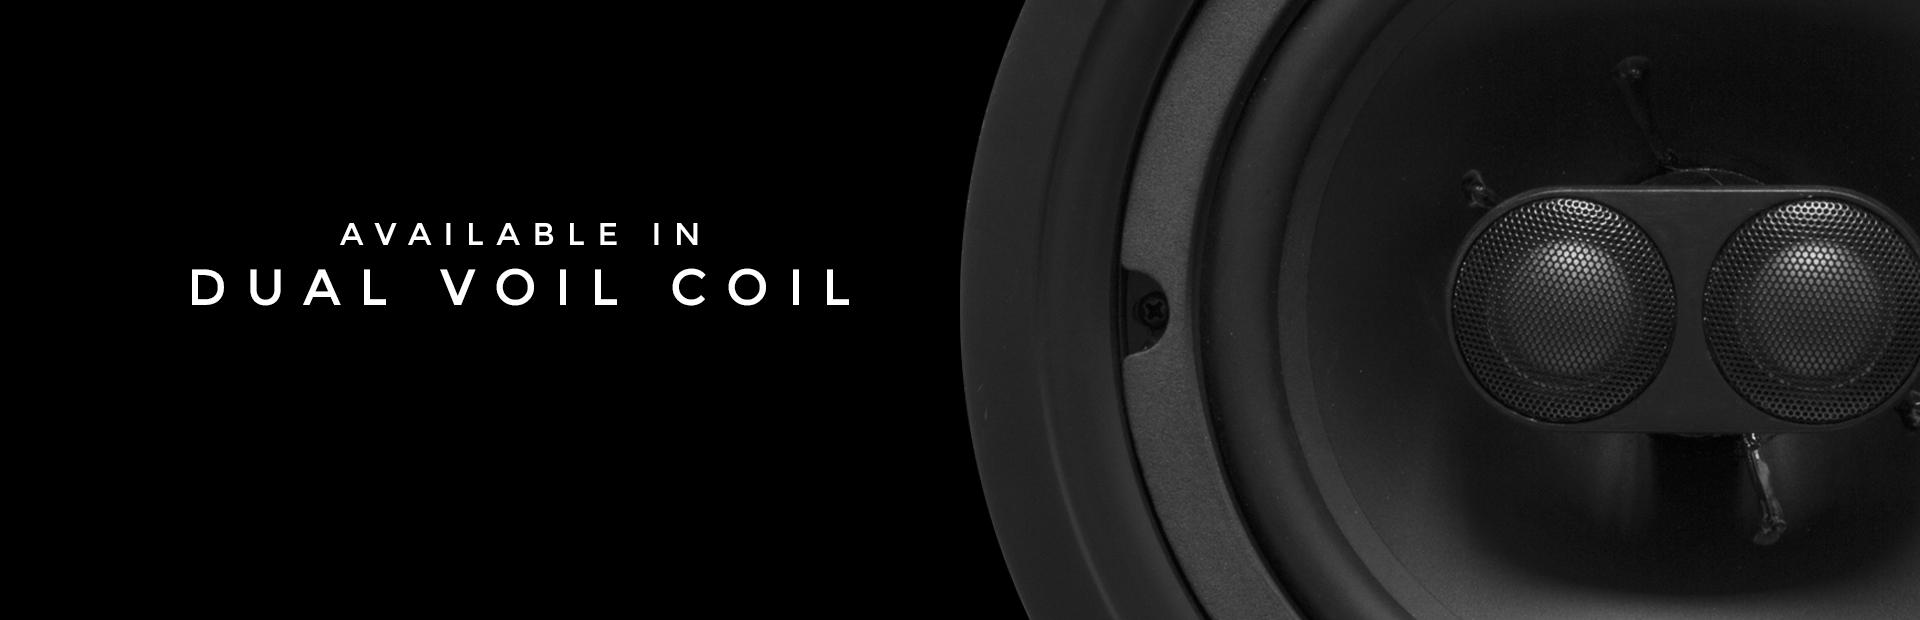 Phantom Series Dual Voice Coil